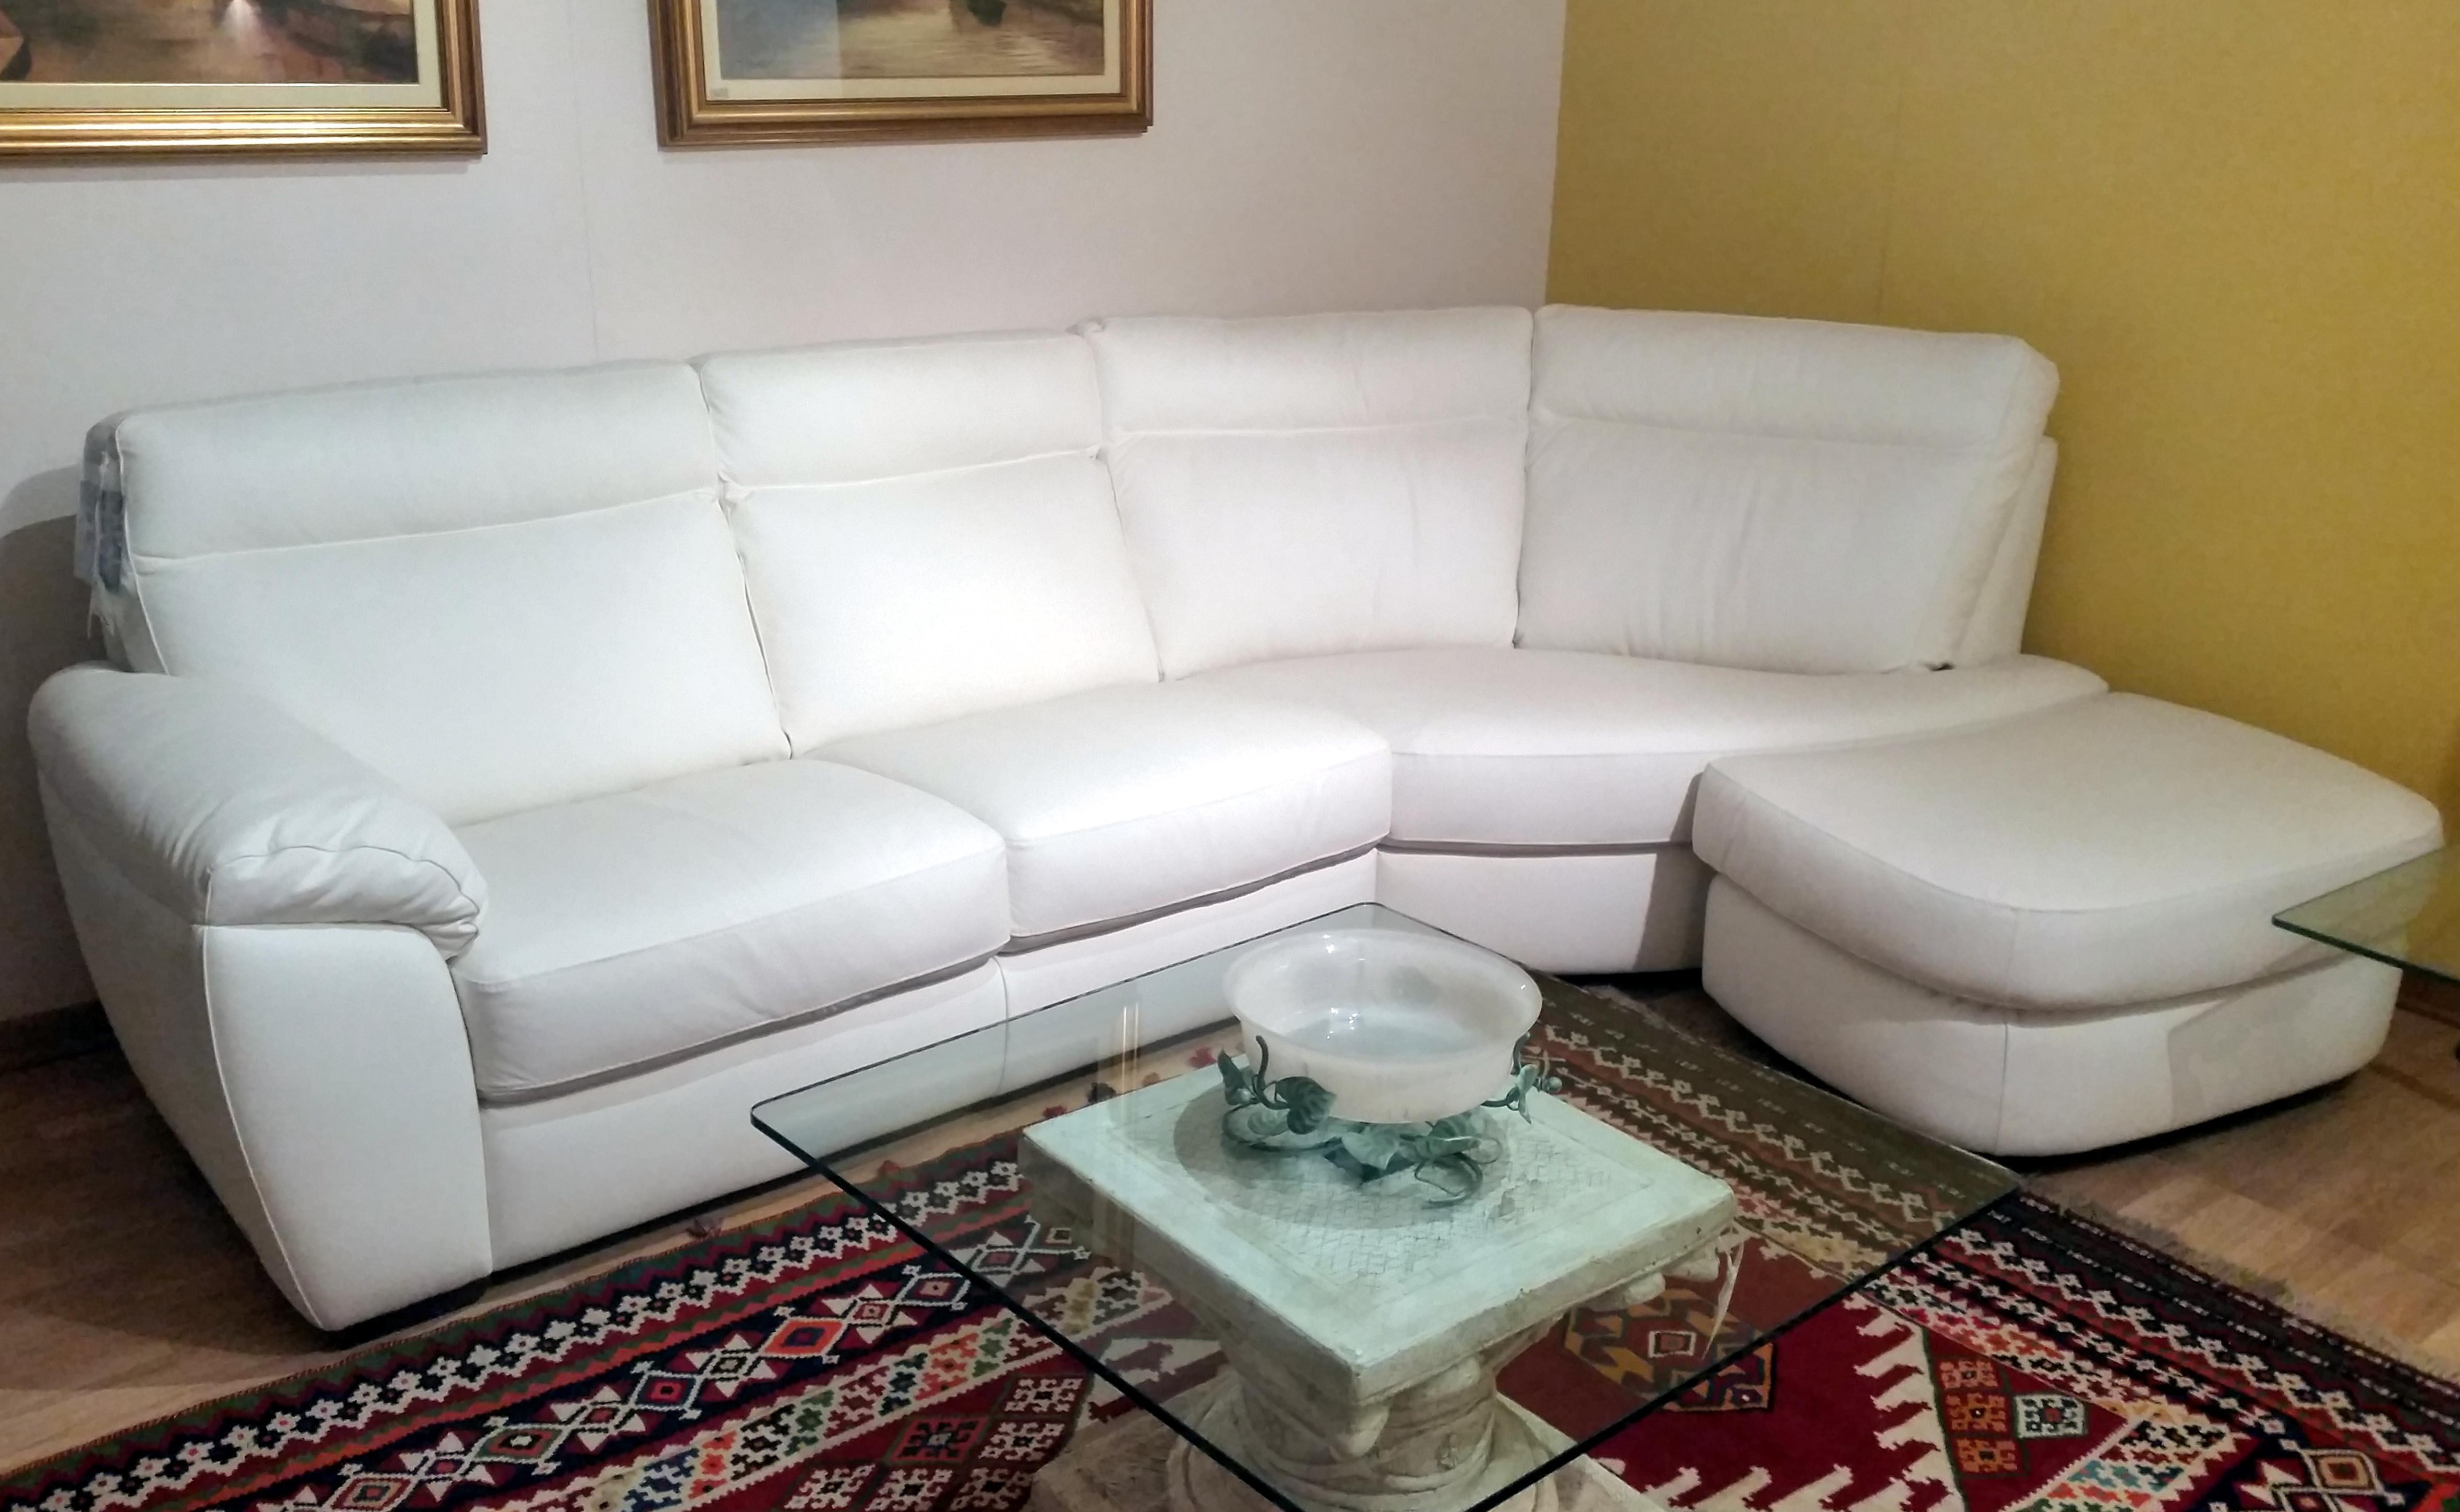 Doimo Sofas: Prezzi Outlet, Offerte e Sconti